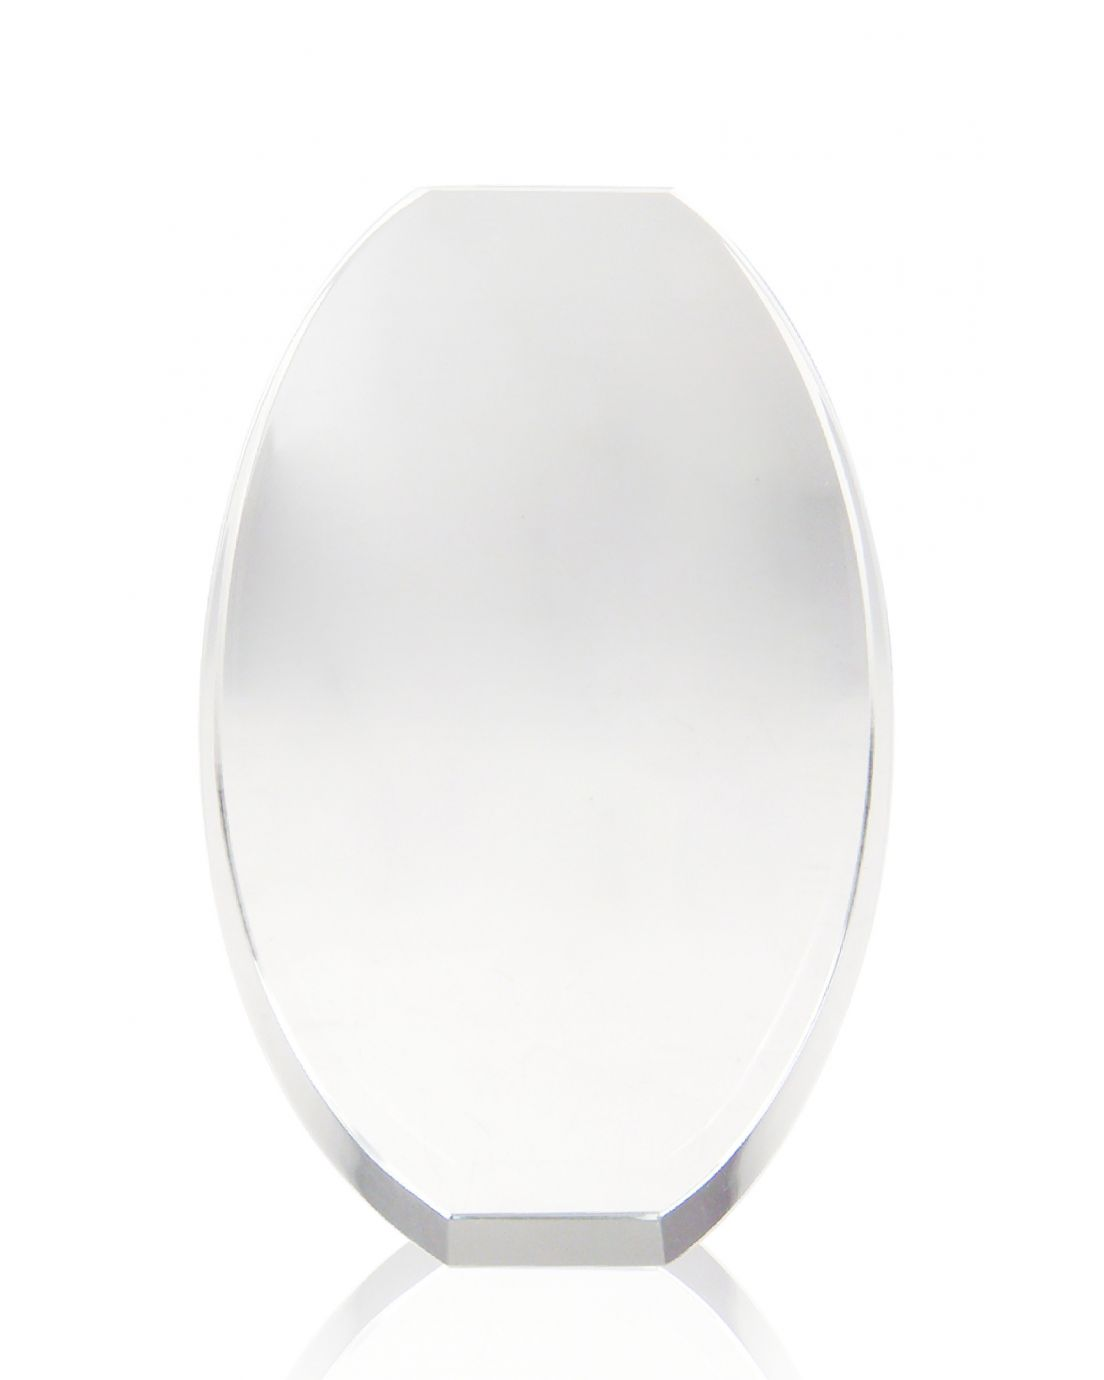 Oval Interchange Clear